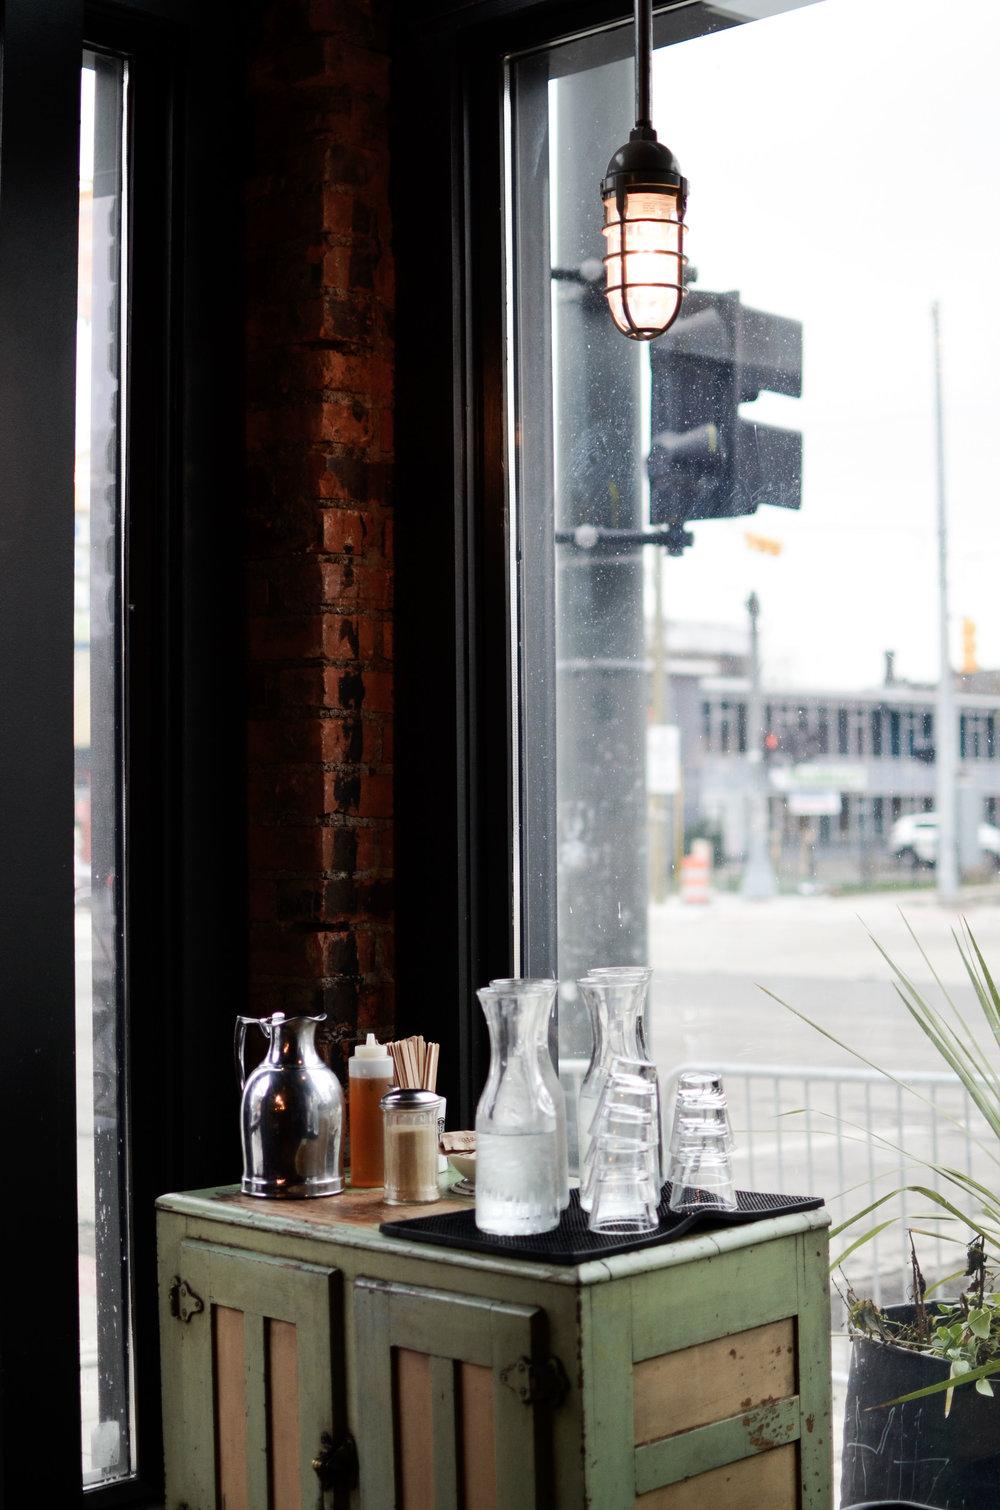 Wendling_Boyd_Coffee_Guide_Great_Lakes_Coffee_Detroit-10.jpg